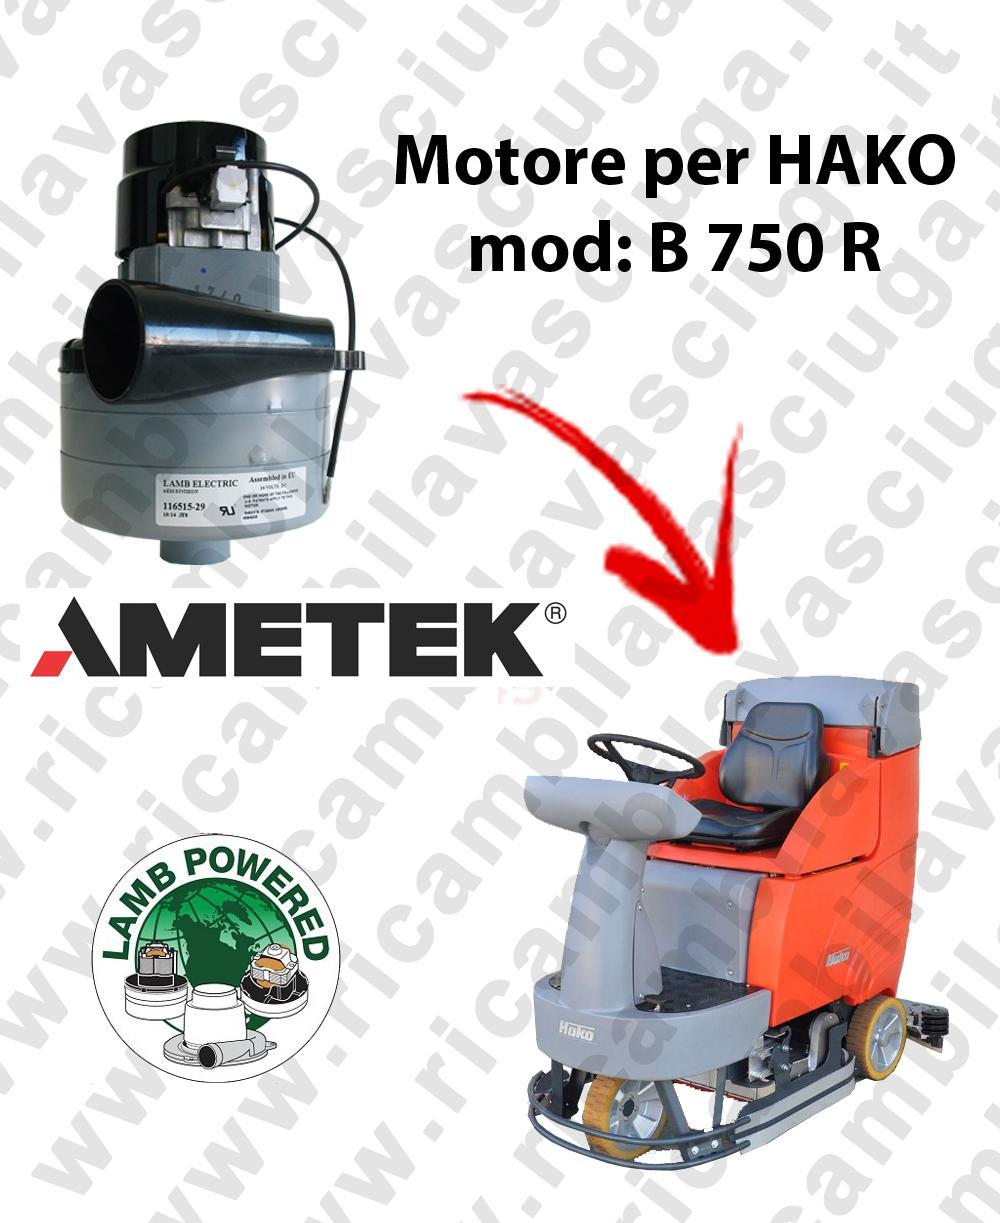 B 750 R MOTEUR ASPIRATION LAMB AMATEK pour autolaveuses HAKO